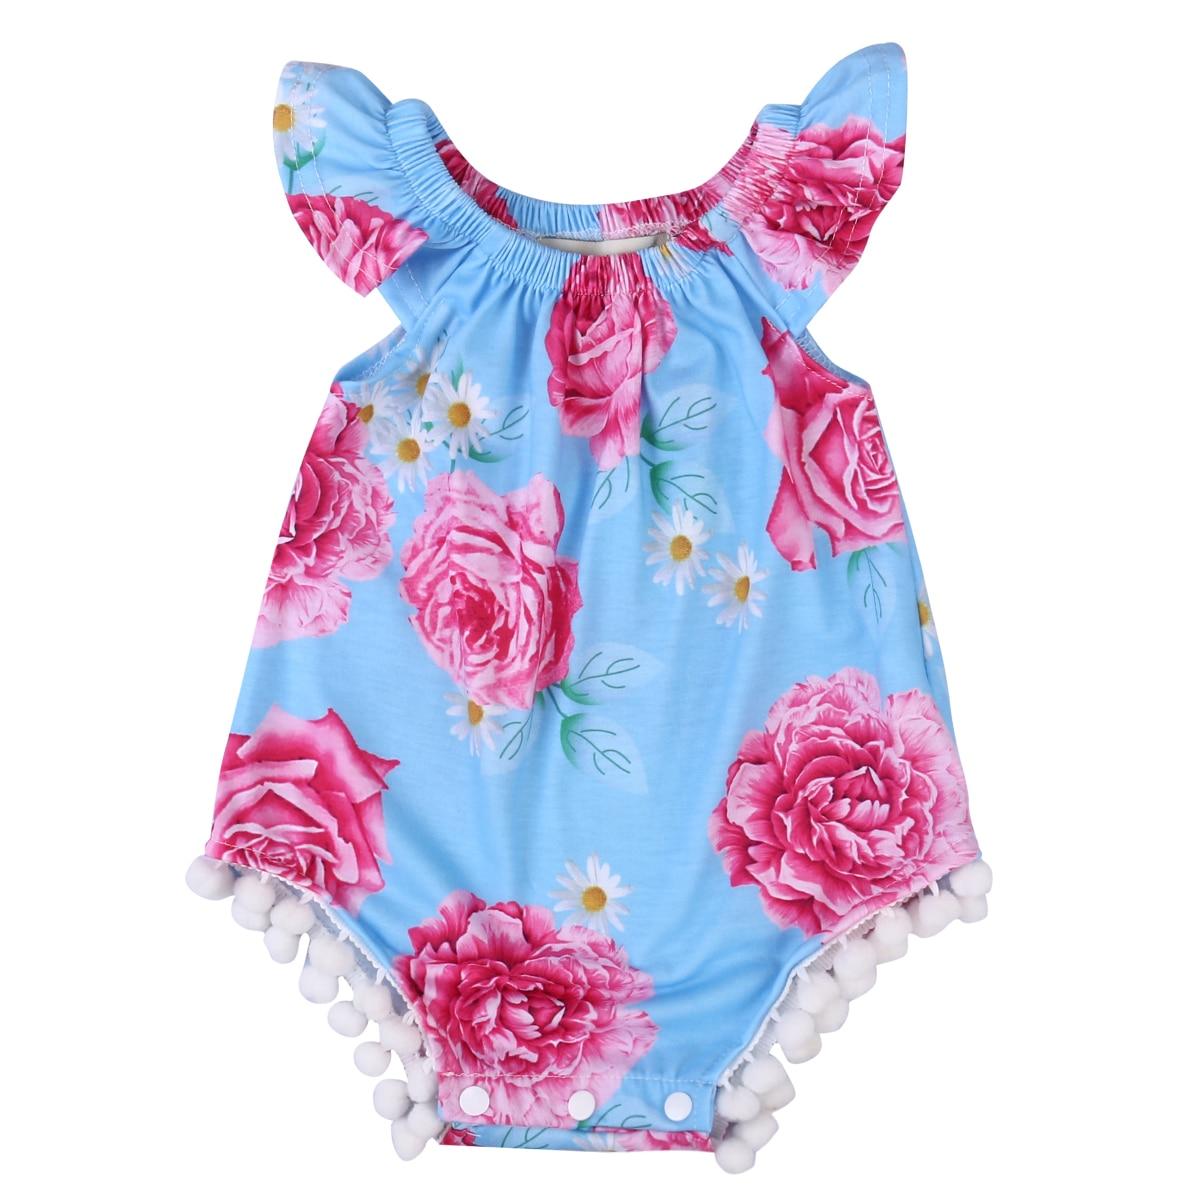 Çocuğunuzun sağlık ve konforu: kızlar için bebek iç çamaşırı seçin